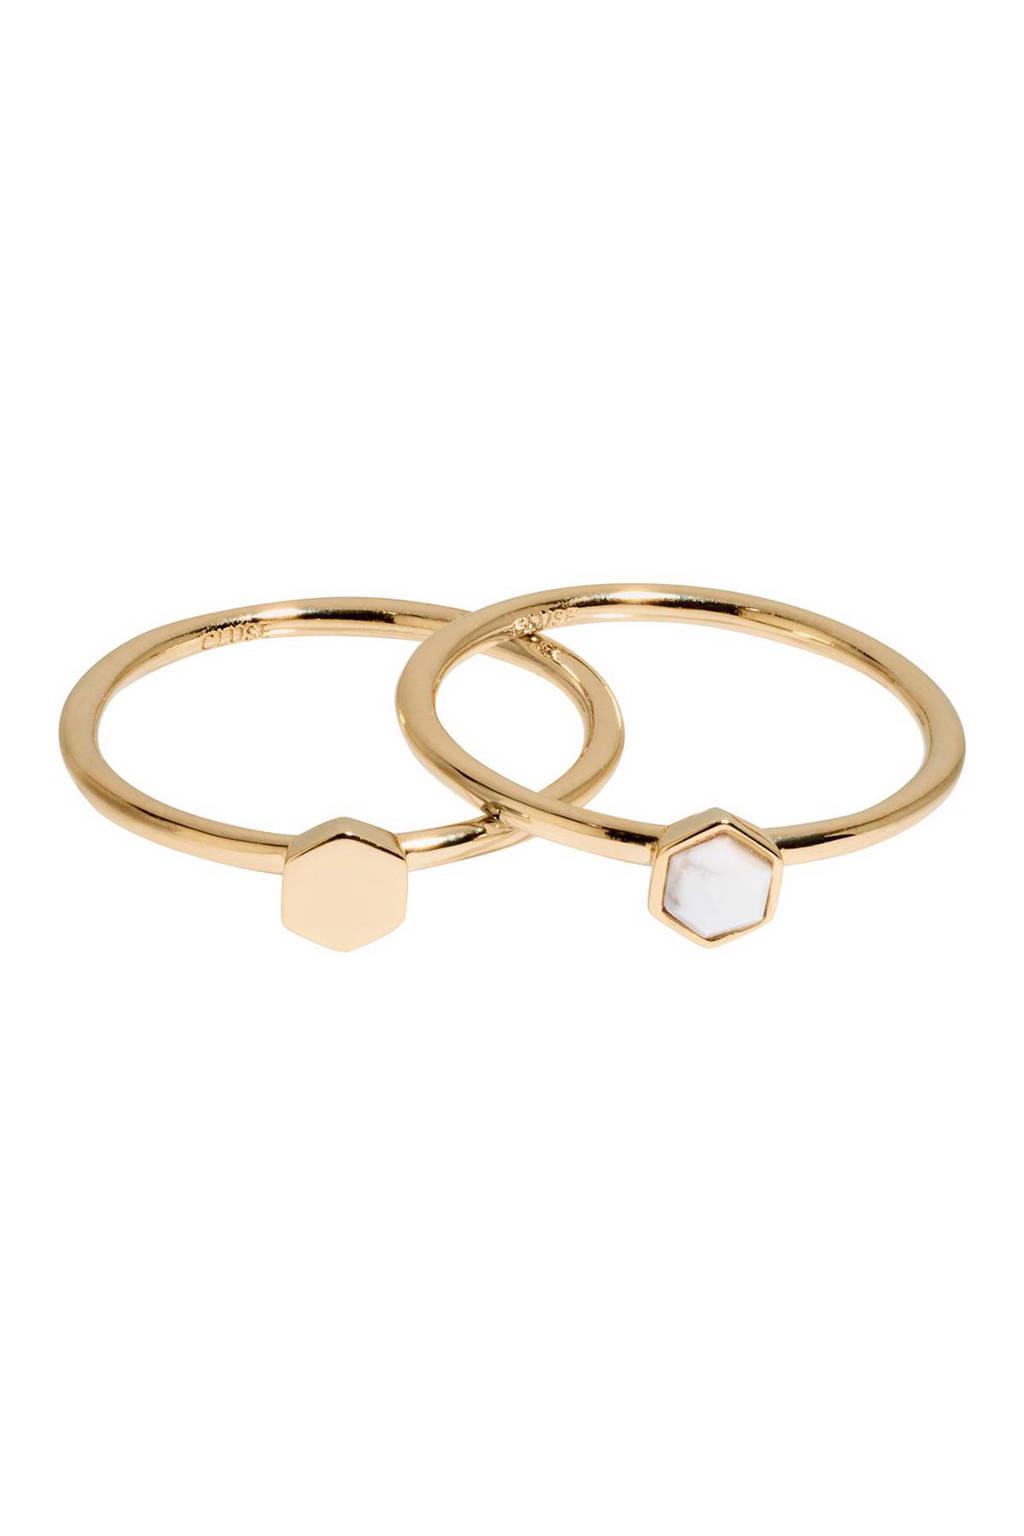 CLUSE ring - CLJ41001, Goudkleurig